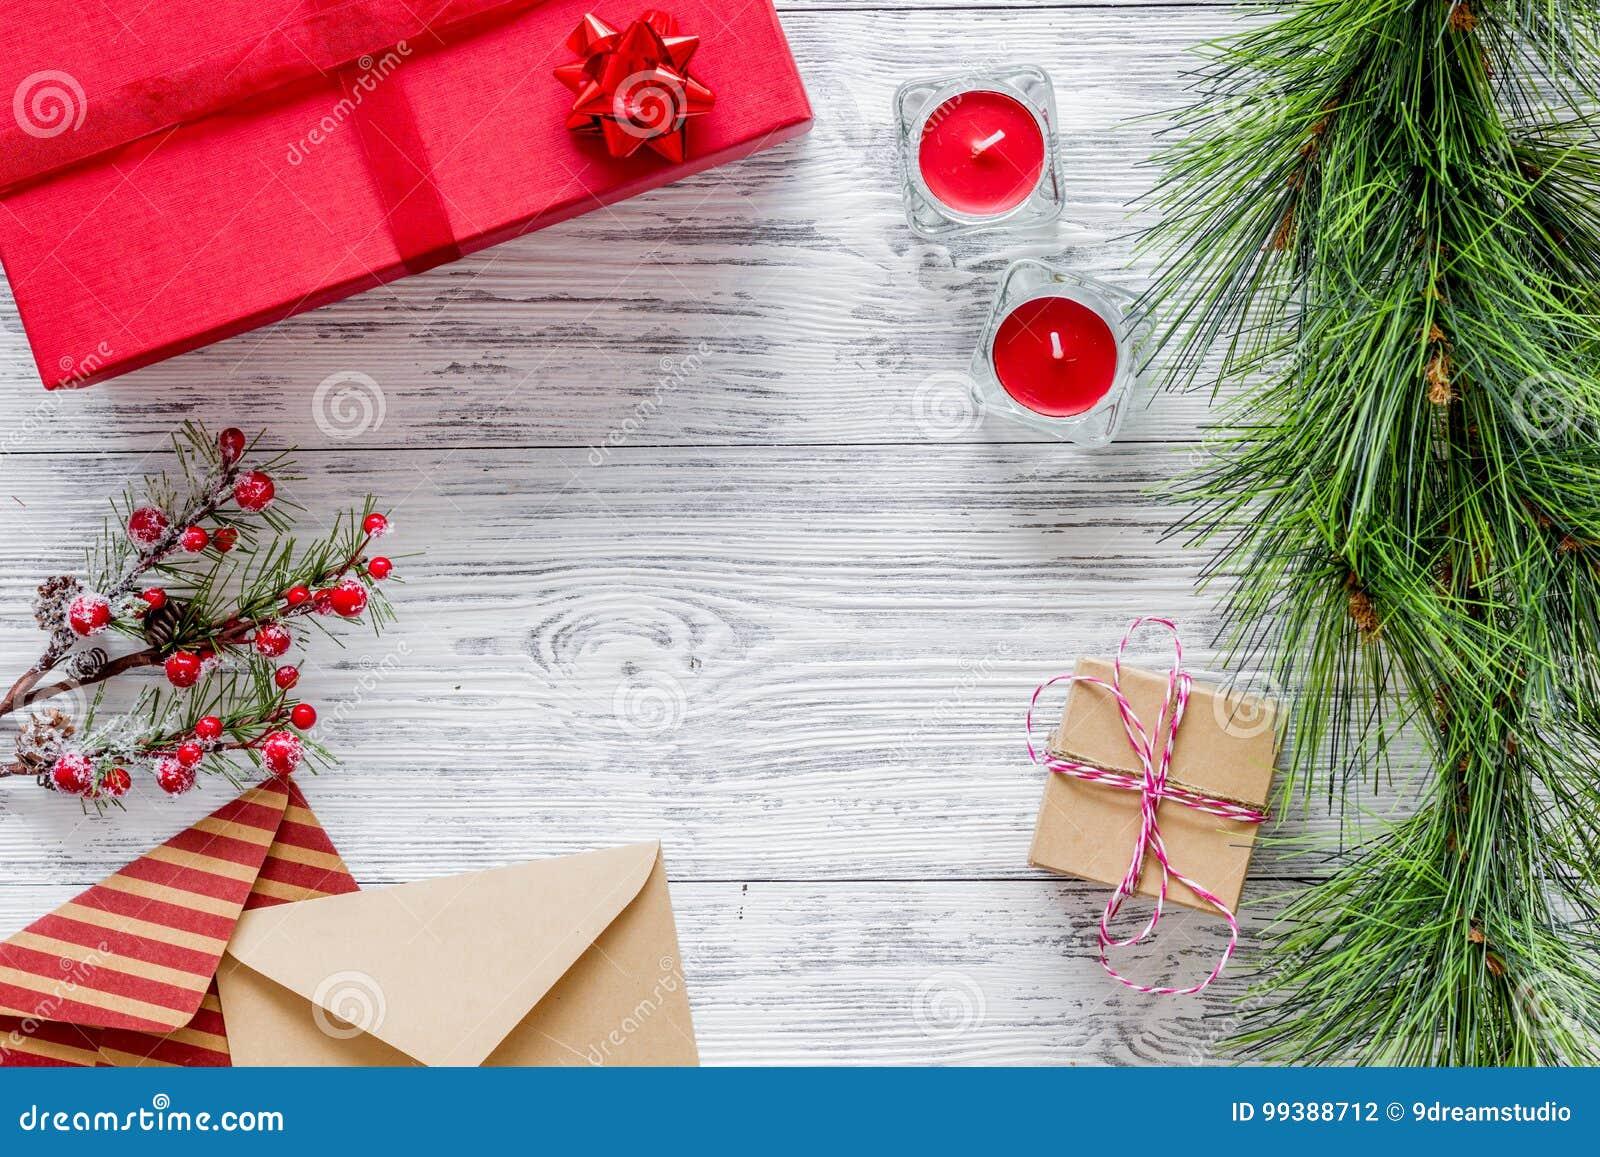 Bereiten Sie Neues Jahr Und Weihnachten 2018 Geschenke In Den Kästen ...